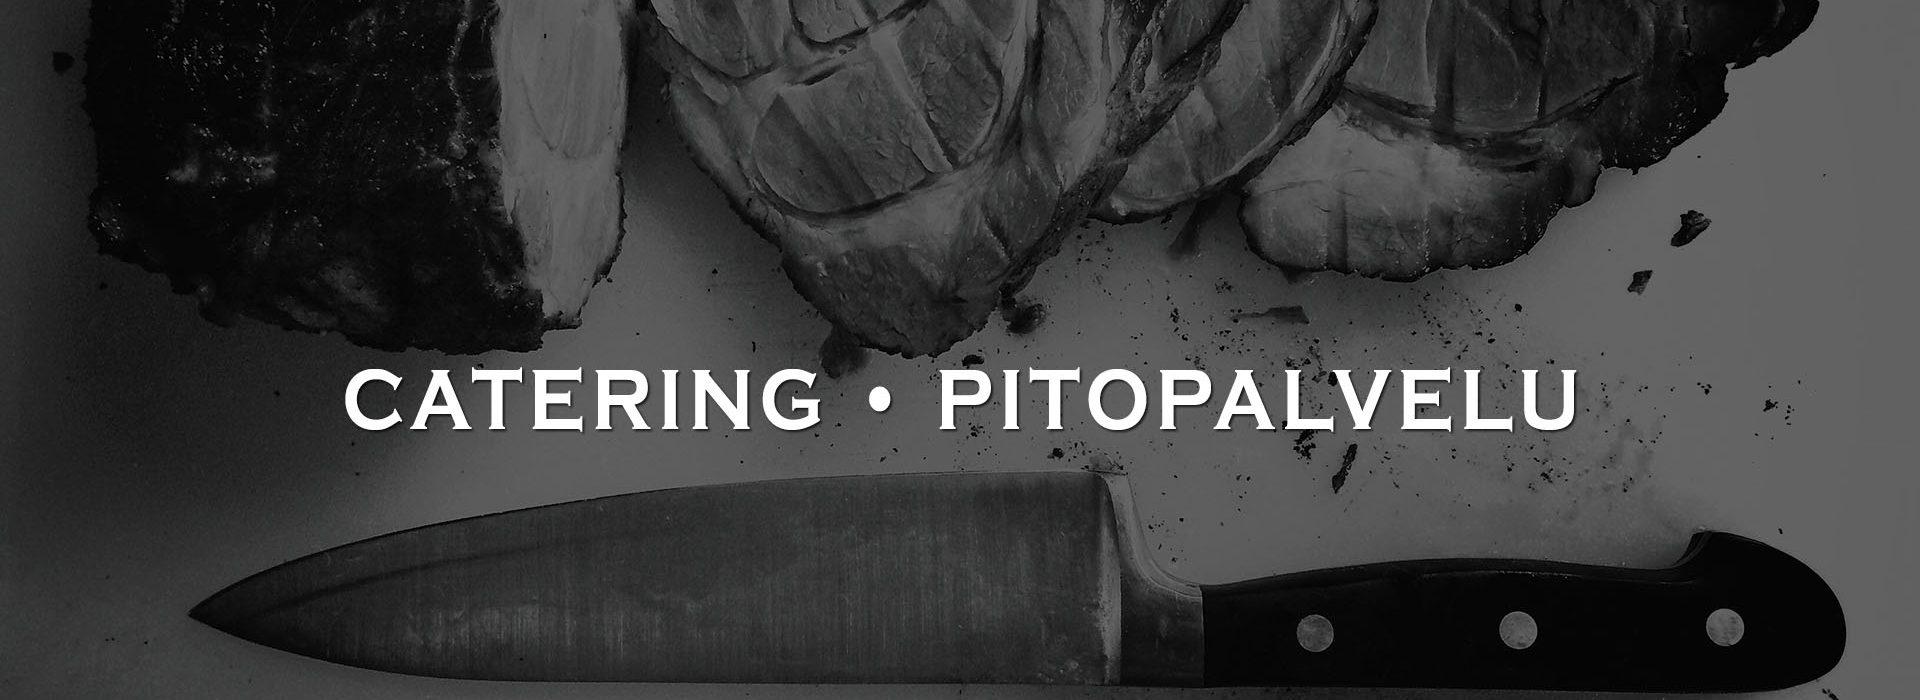 Kokki - Pitopalvelu - Catering, FinMacGyver Oy